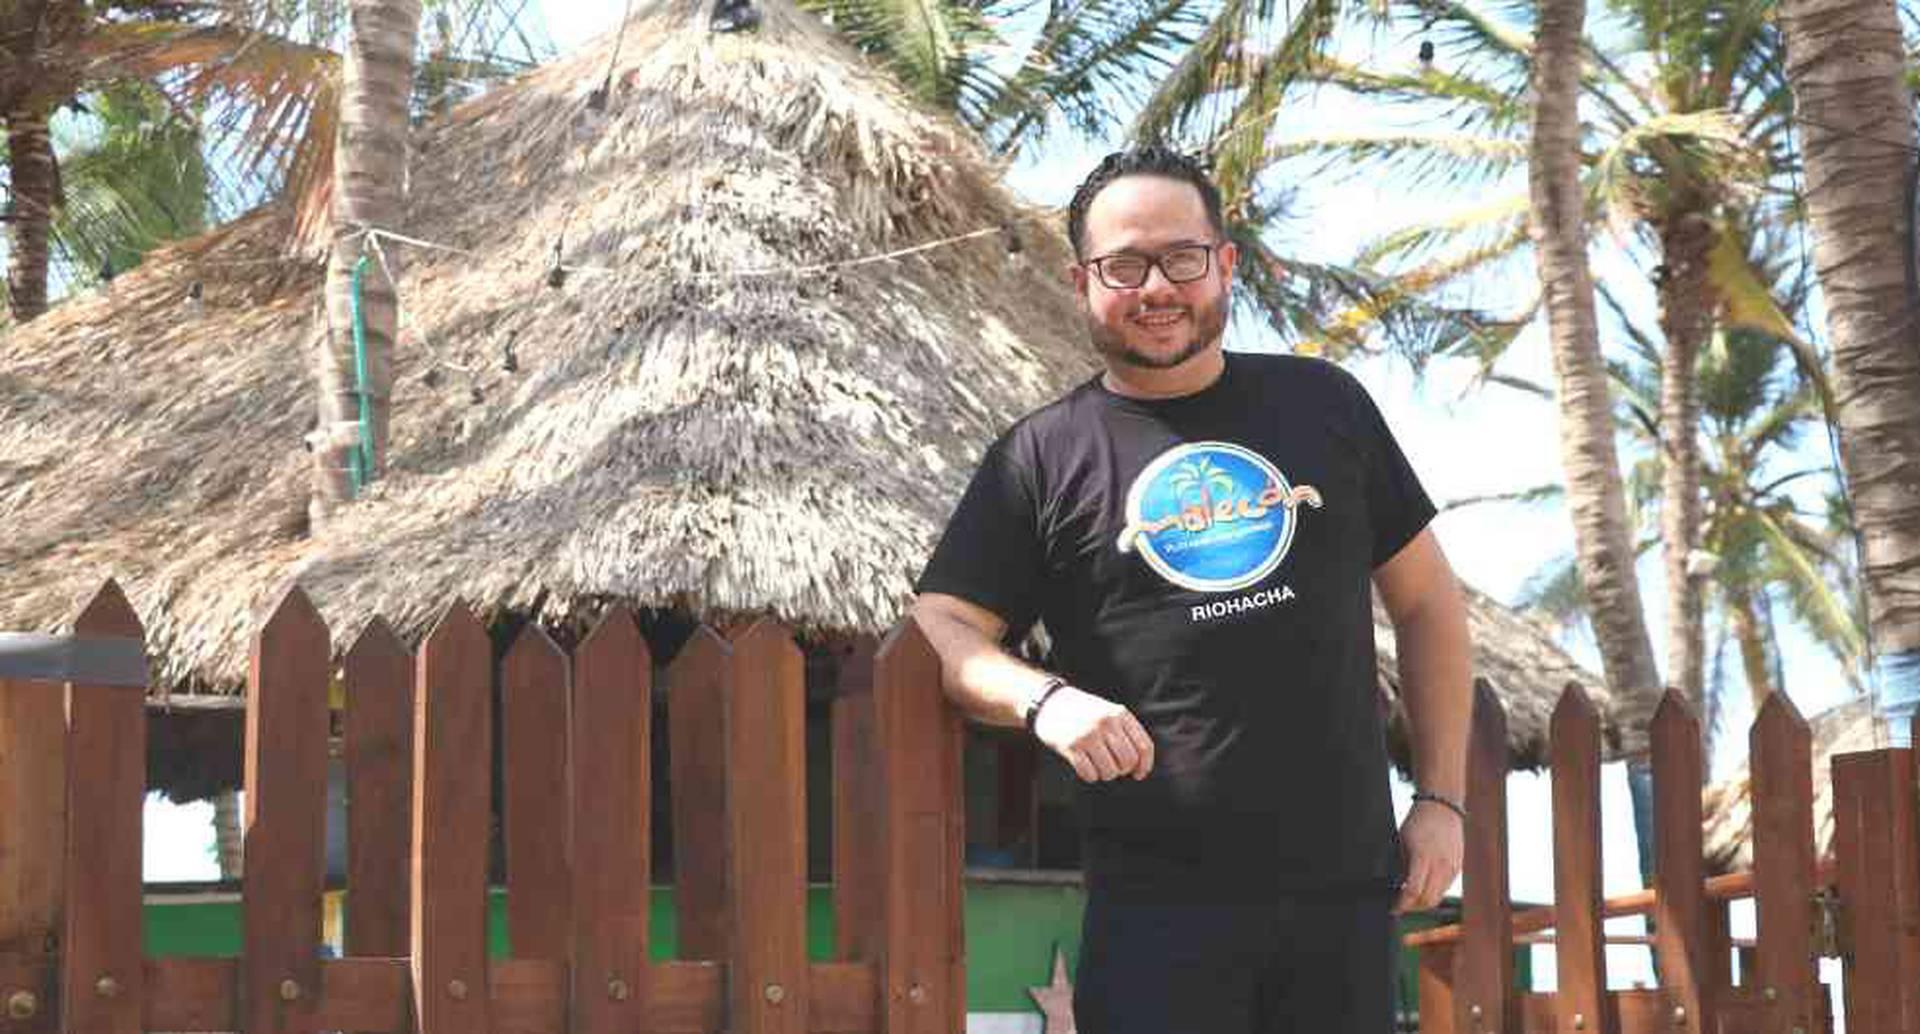 José Ramón Gómez migró de Venezuela a Colombia hace tres años. Se convirtió en gerente de una corporación.